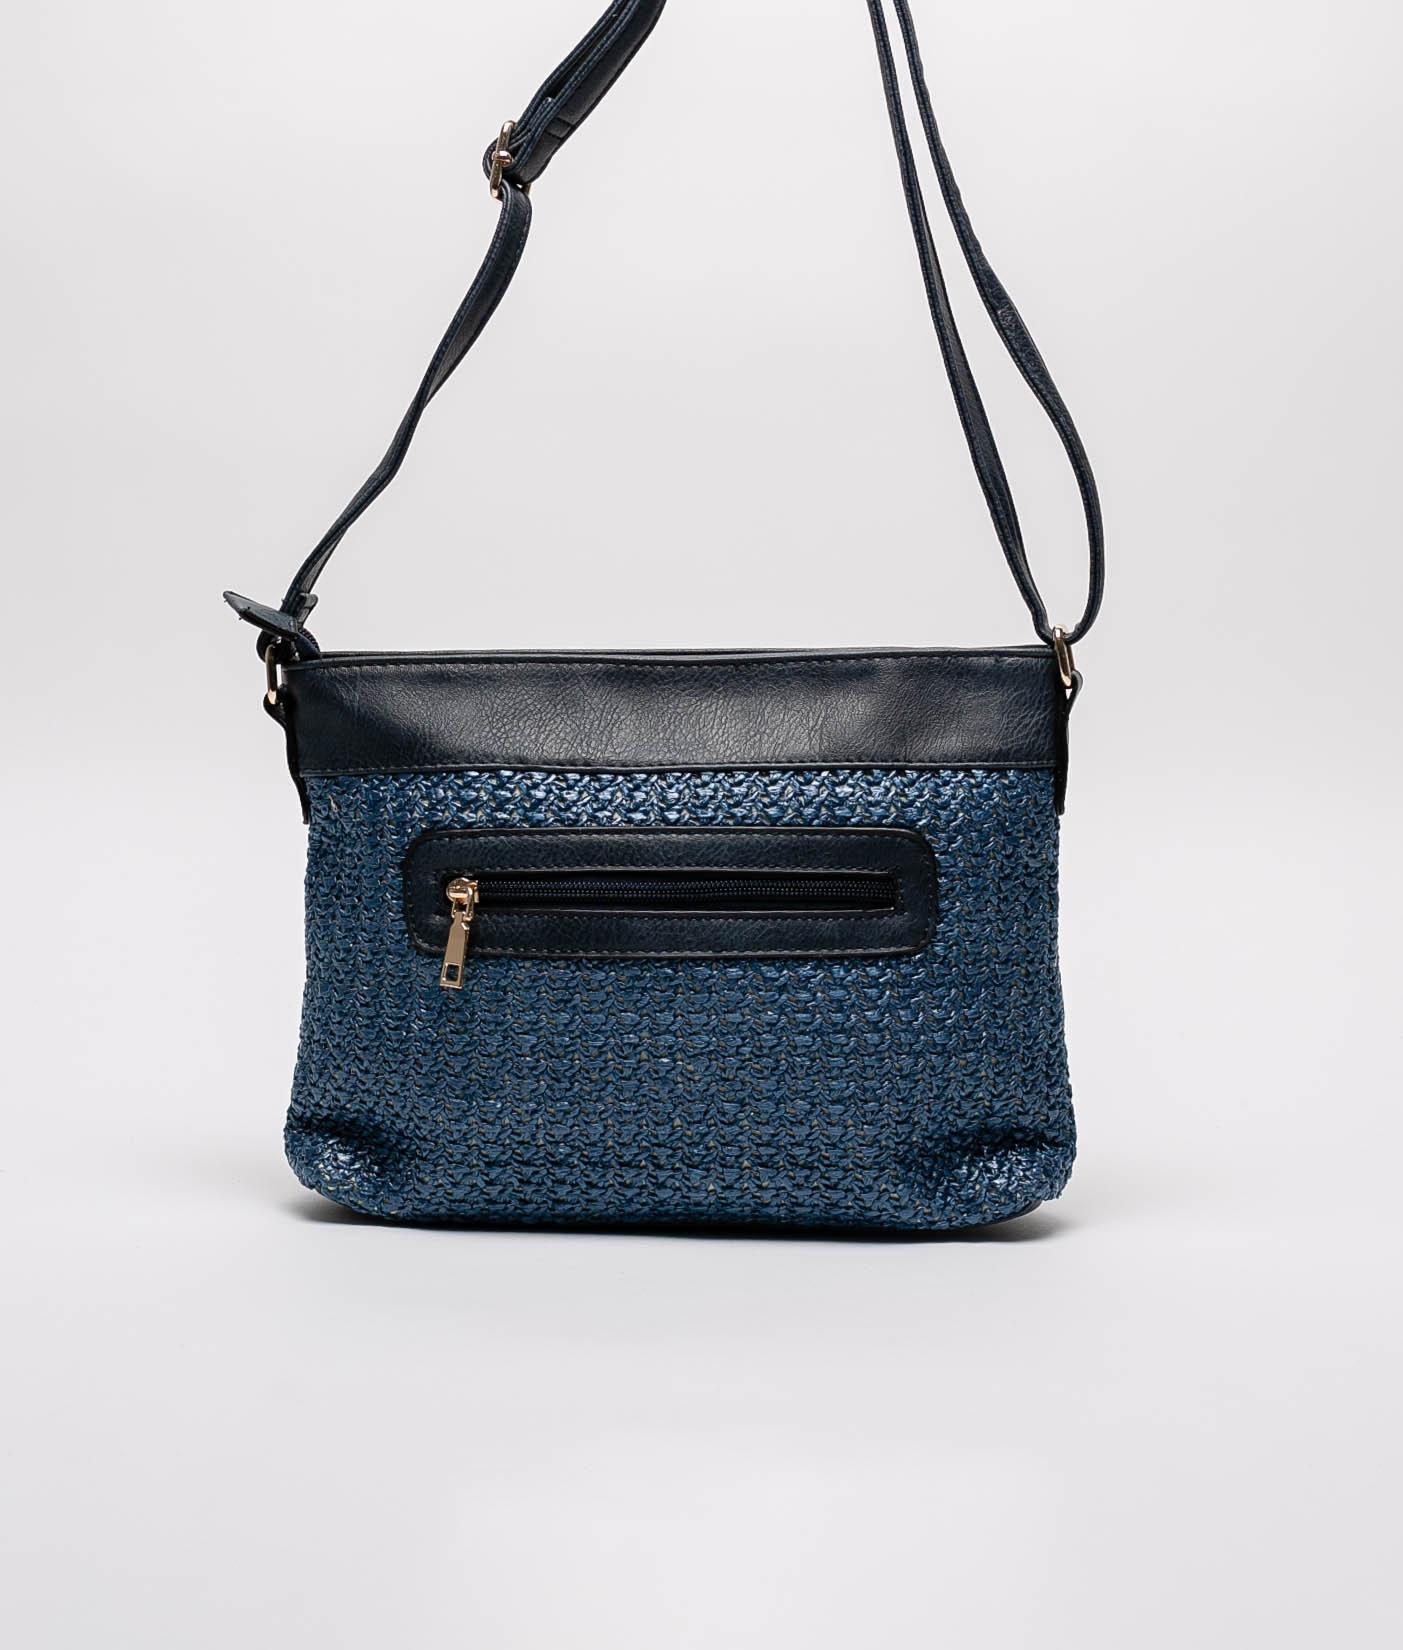 ODEDA WALLET - BLUE